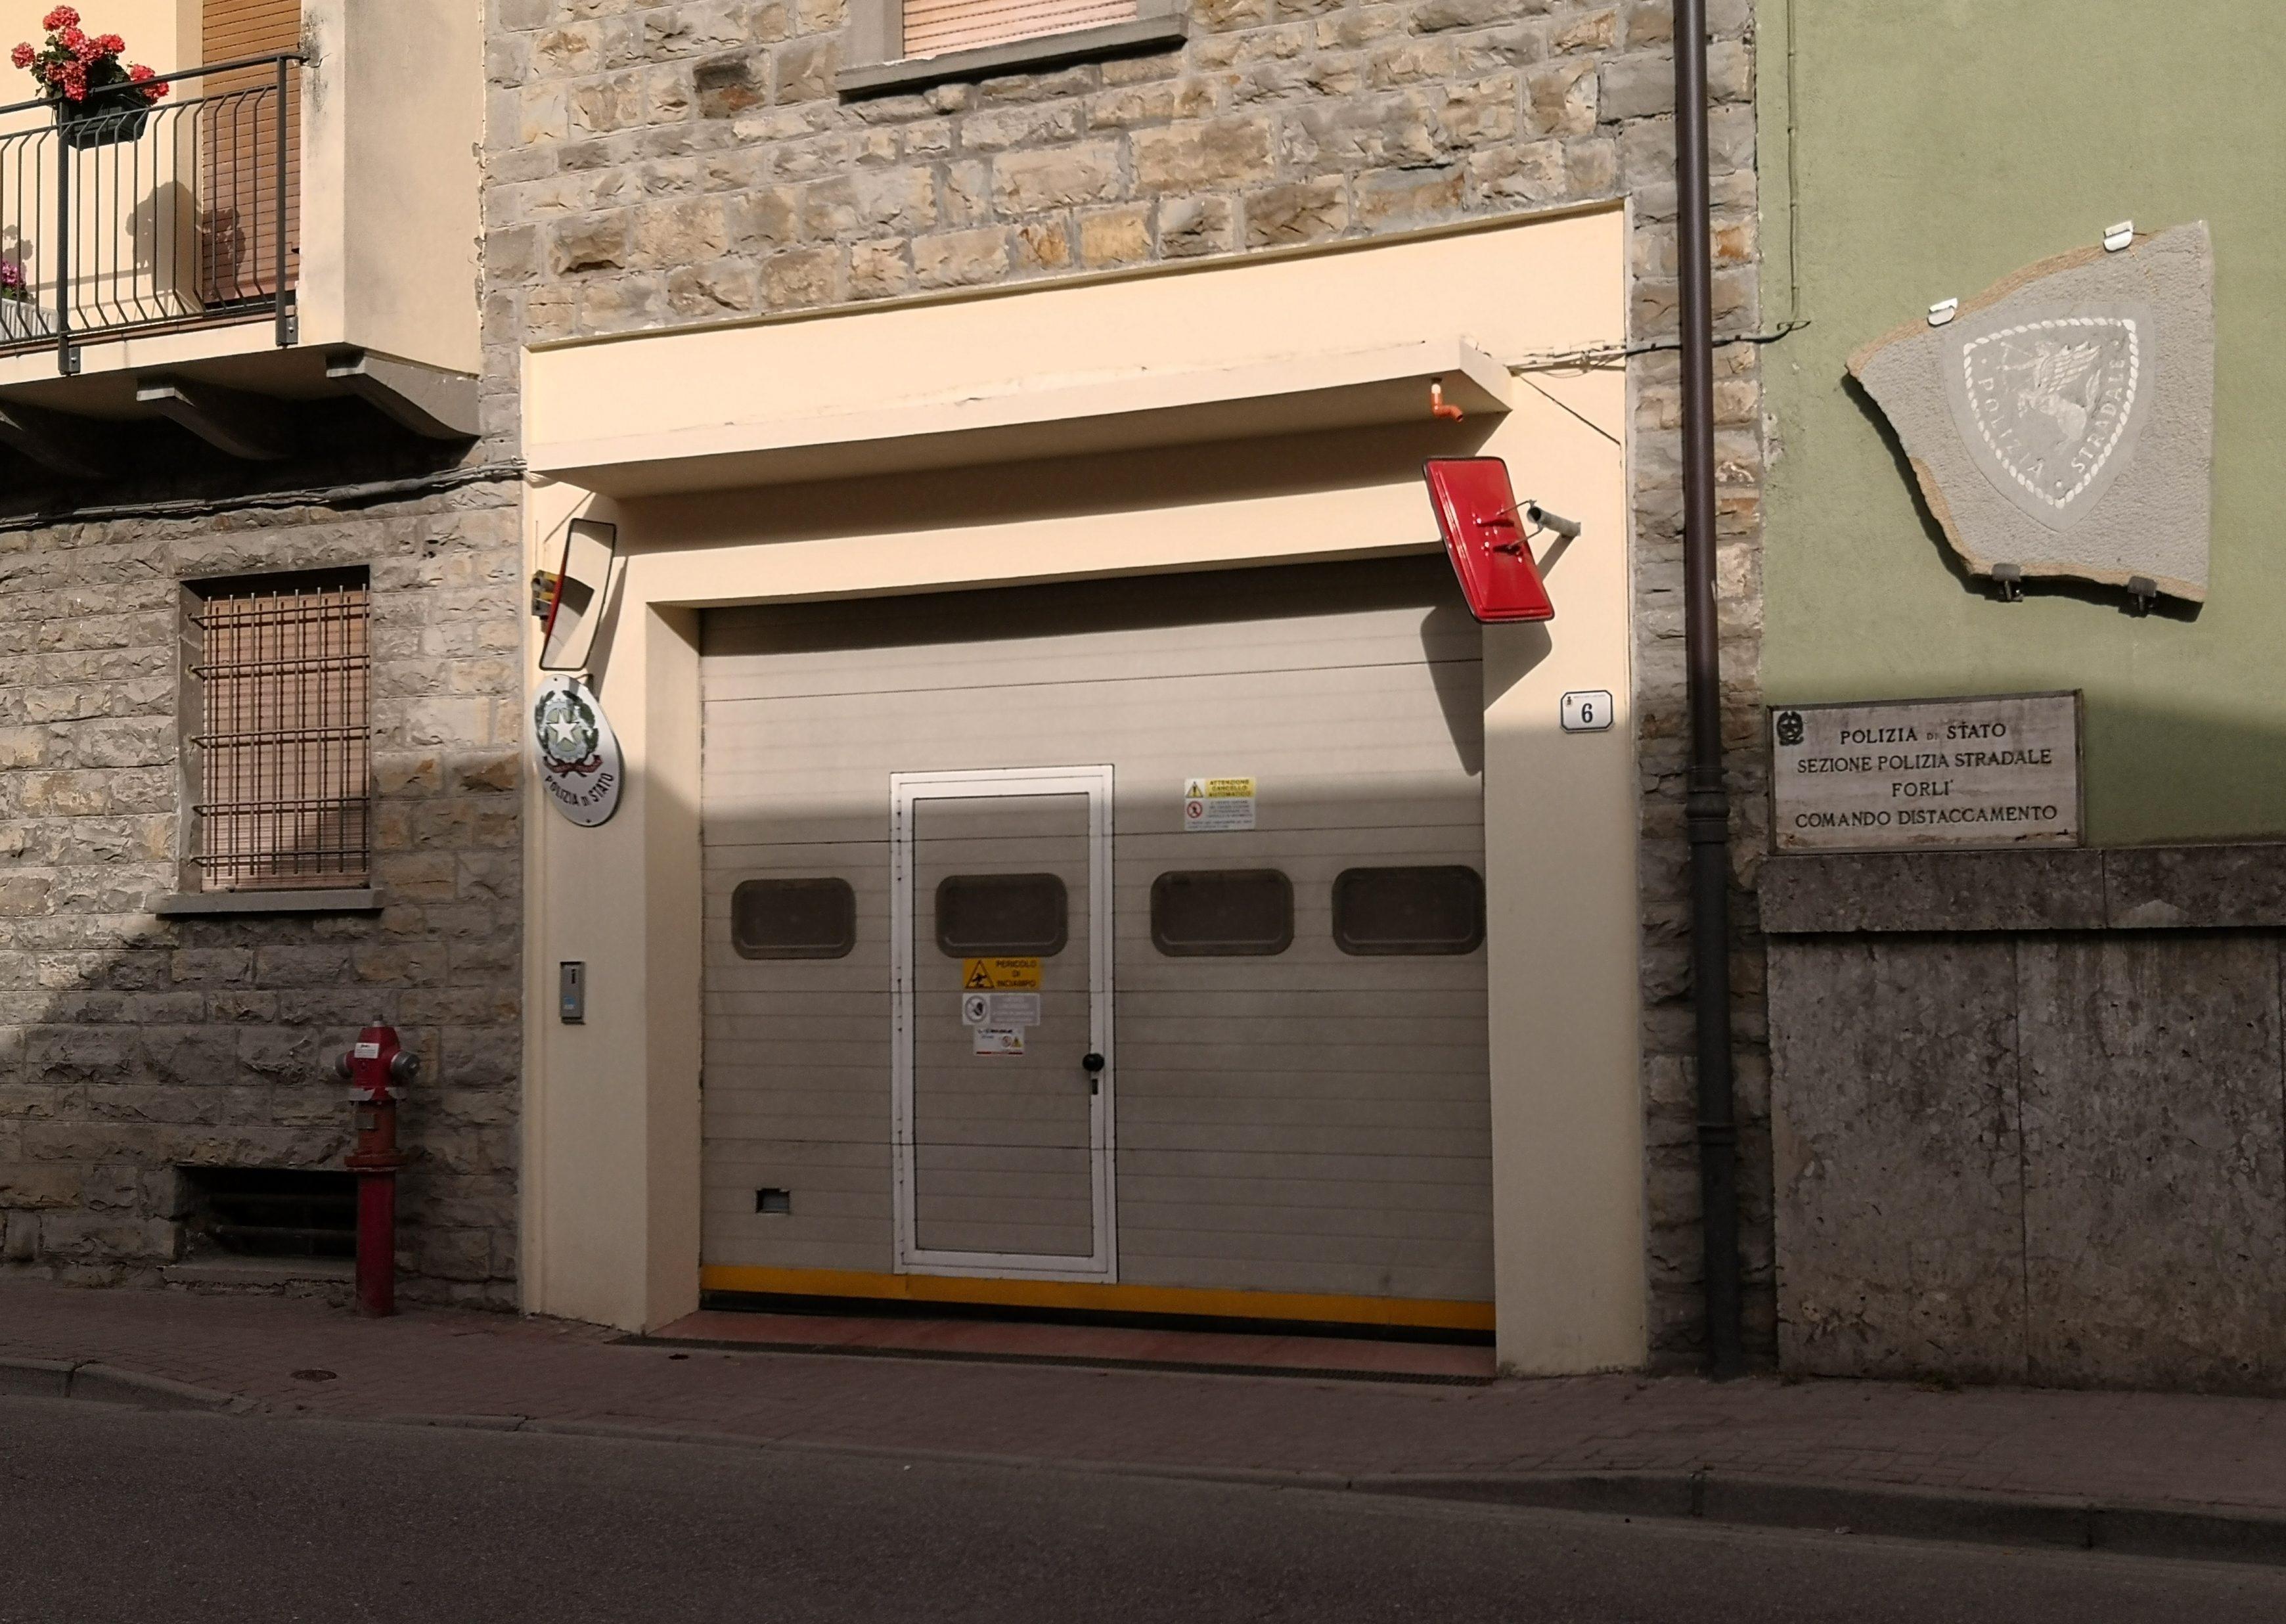 Distaccamento Polizia Stradale di Rocca San Casciano